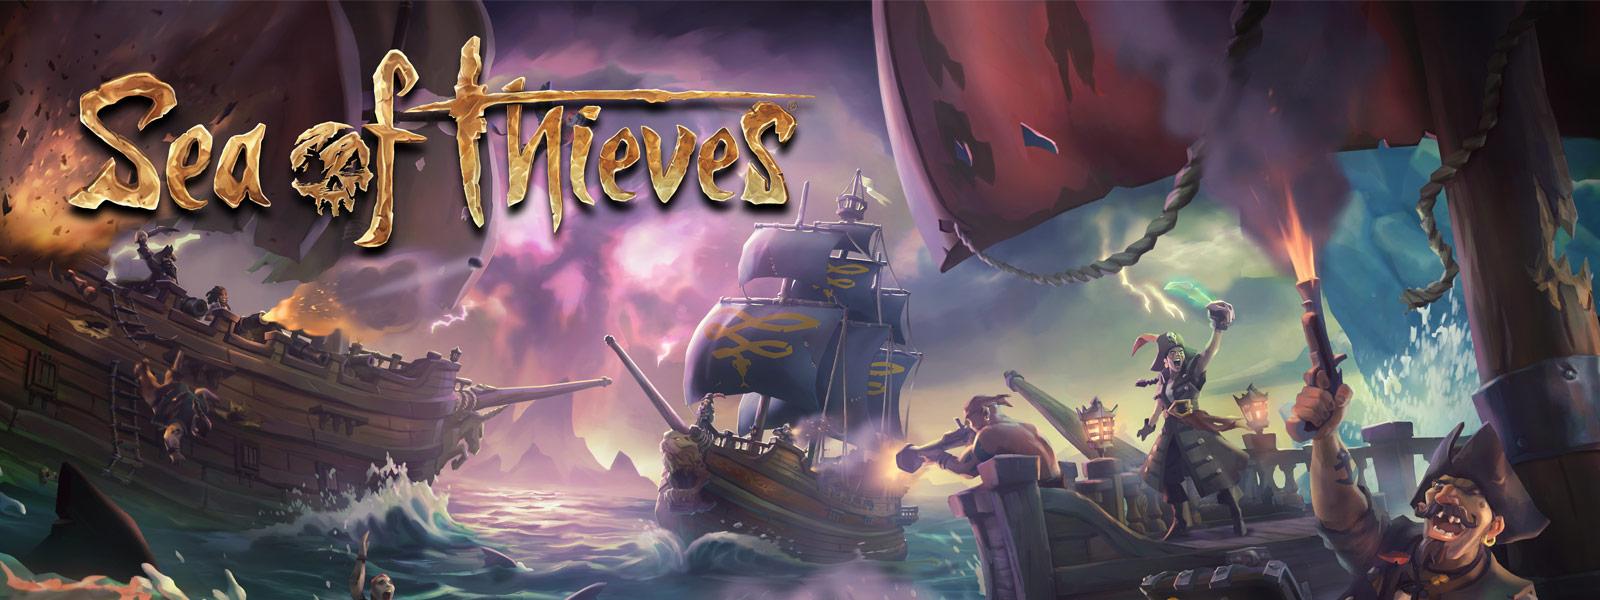 Sea of Thieves – Skuter midt i et oppgjør på havet, der ei skute fyrer av mot de andre